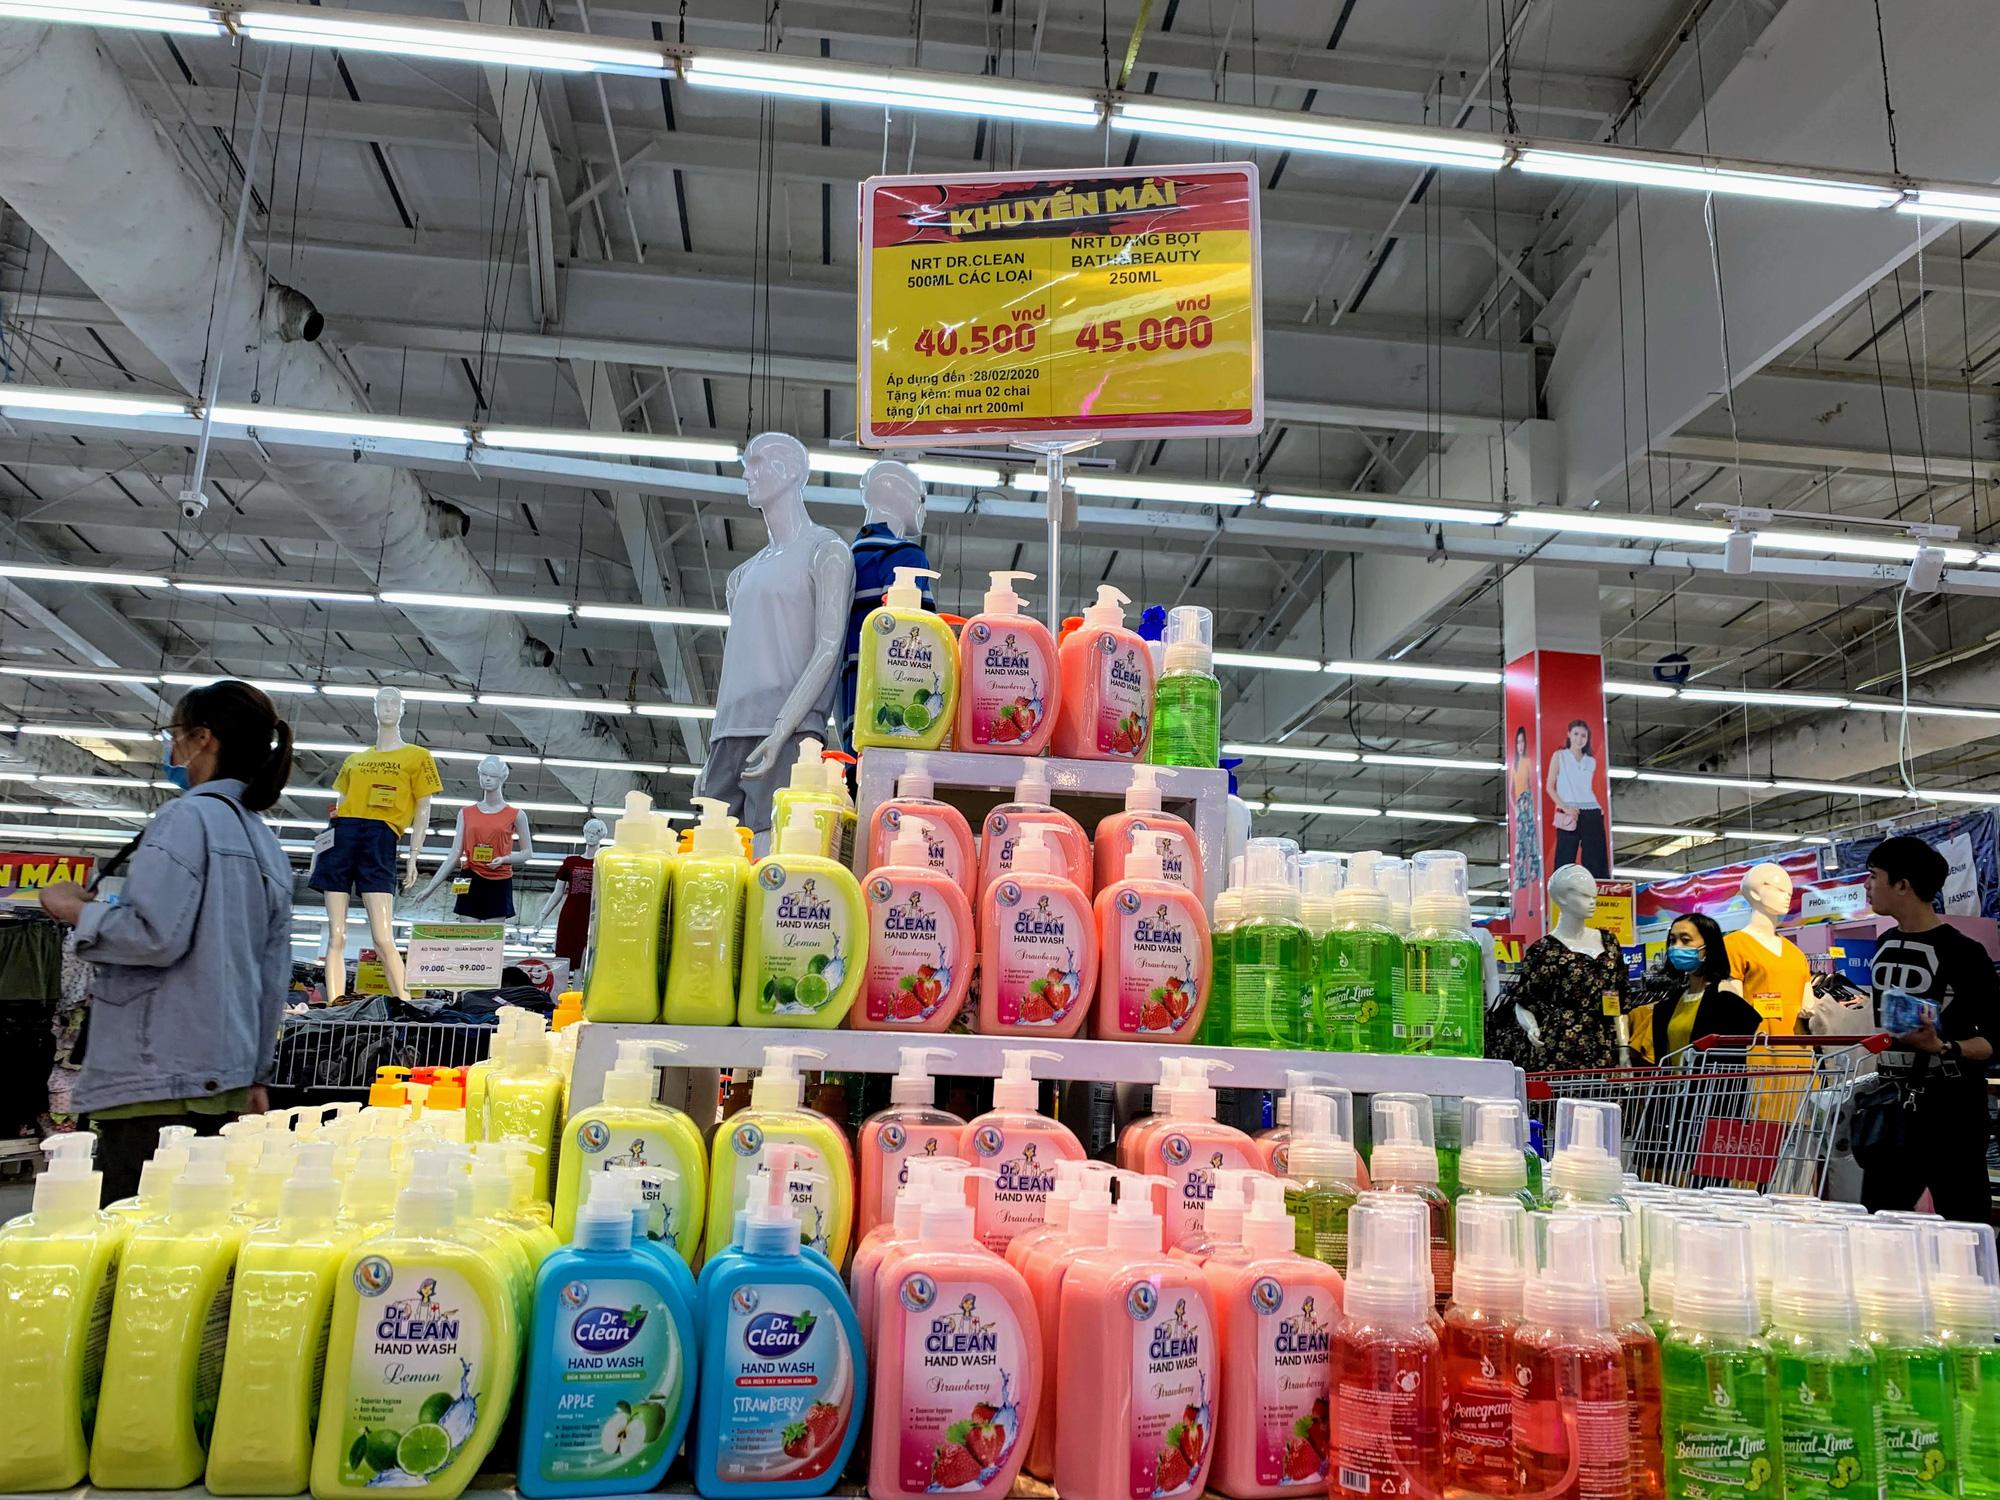 Ma trận nước rửa tay, gel sát khuẩn tại các siêu thị ở Hà Nội làm khó người tiêu dùng - Ảnh 6.